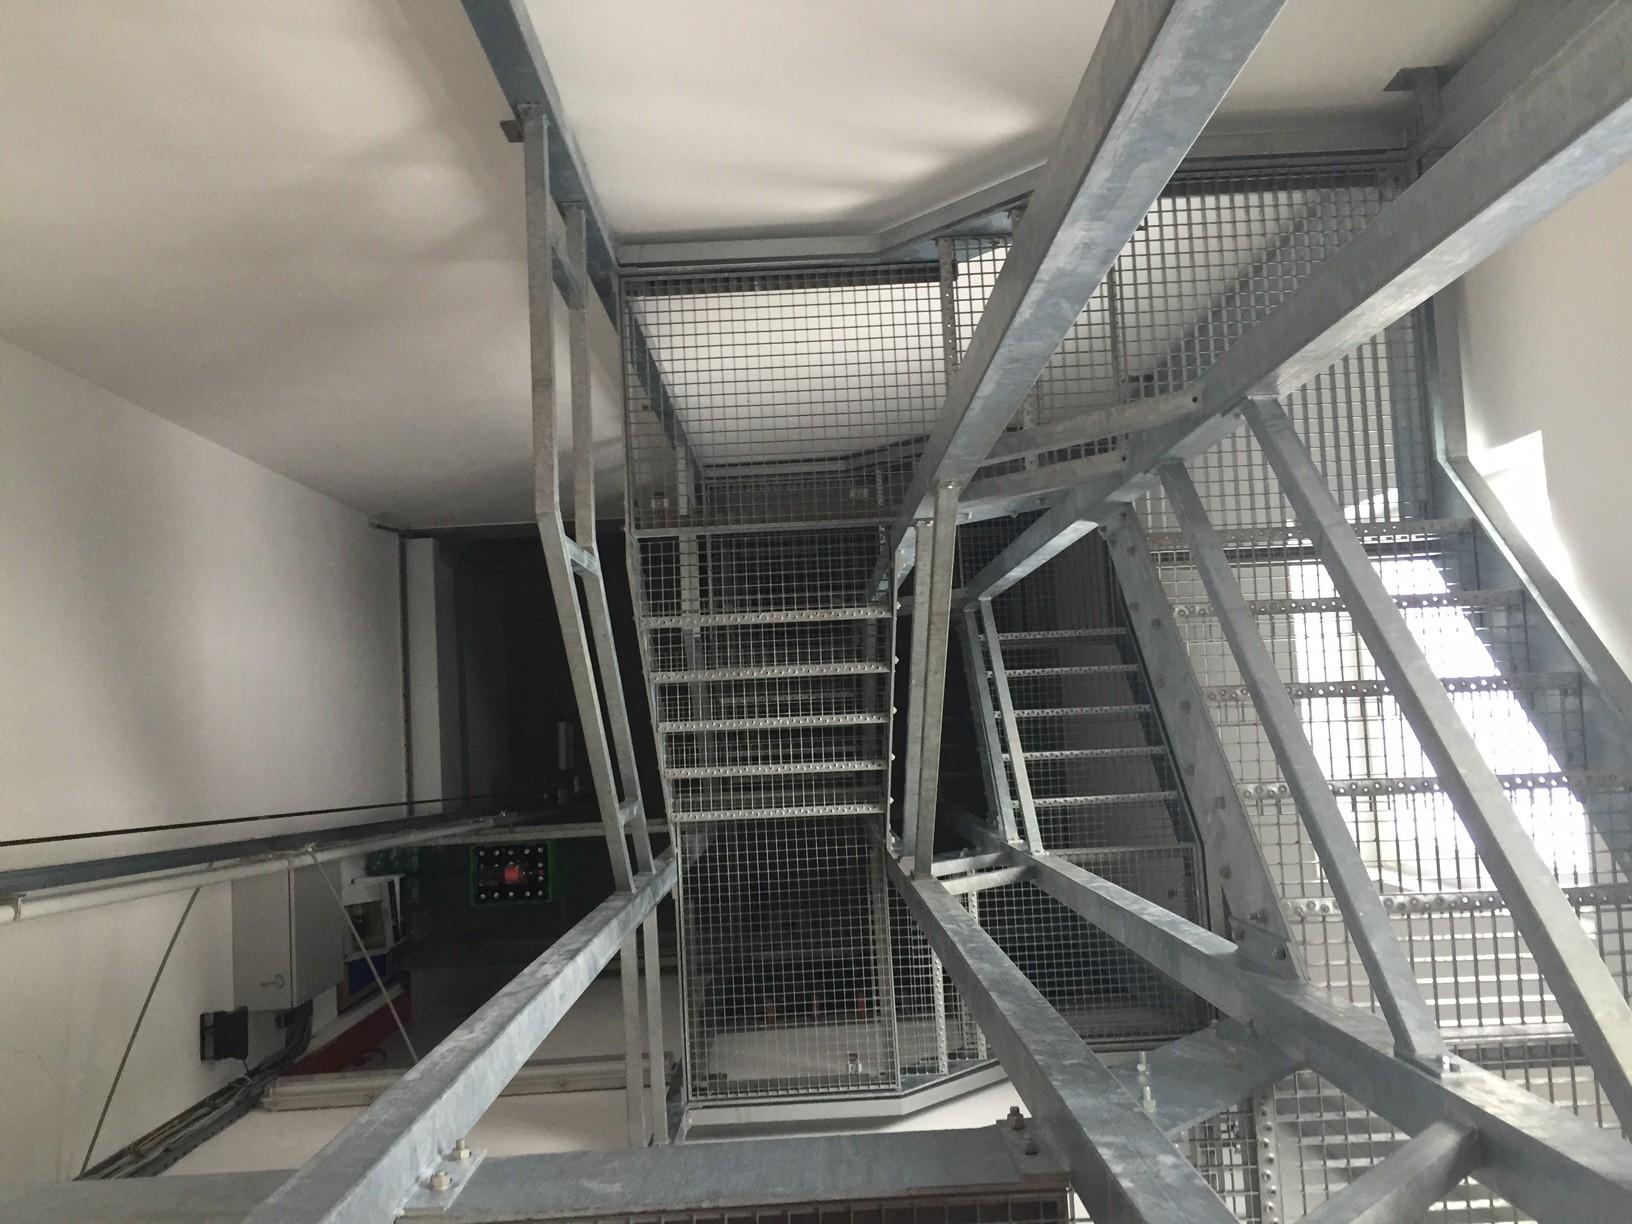 Stiegenaufgang zum Kriechtunnel